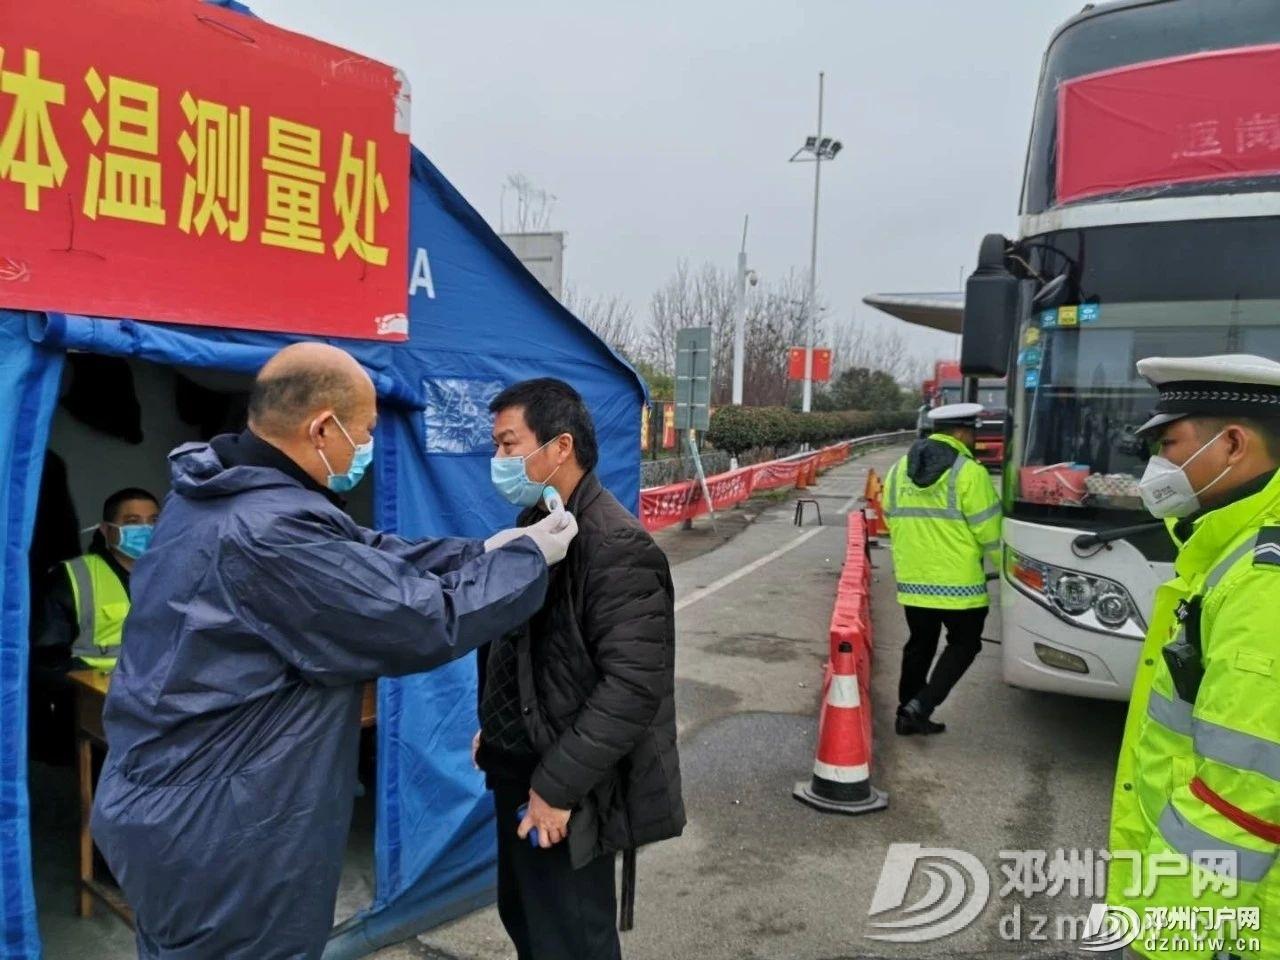 最新!关于邓州桑庄高速外出、返回流程... - 邓州门户网|邓州网 - bce48bc3446d20f4252b3f73ae5c4fa0.jpg